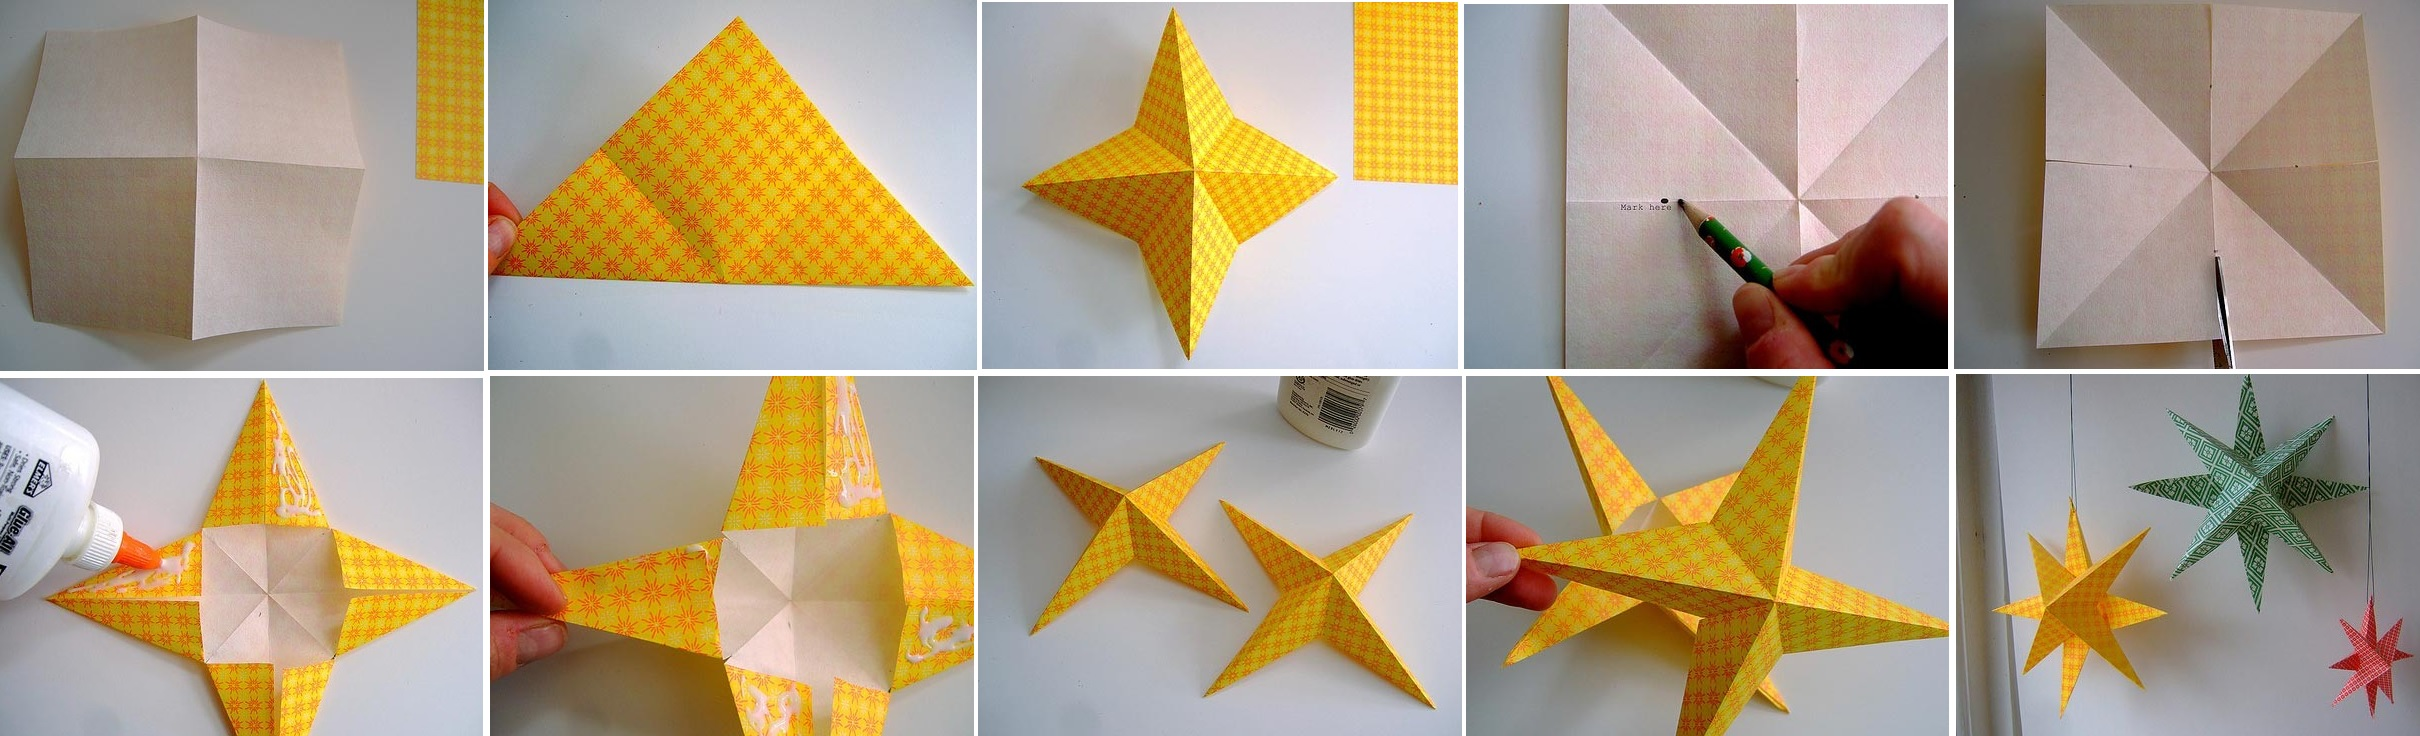 Как сделать звезду из бумаги украшения